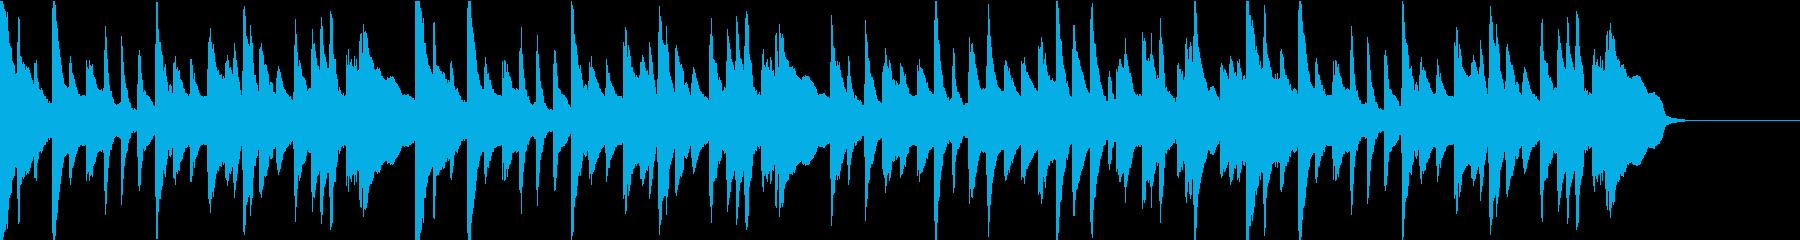 悲しいシーンのクラシックなBGMの再生済みの波形